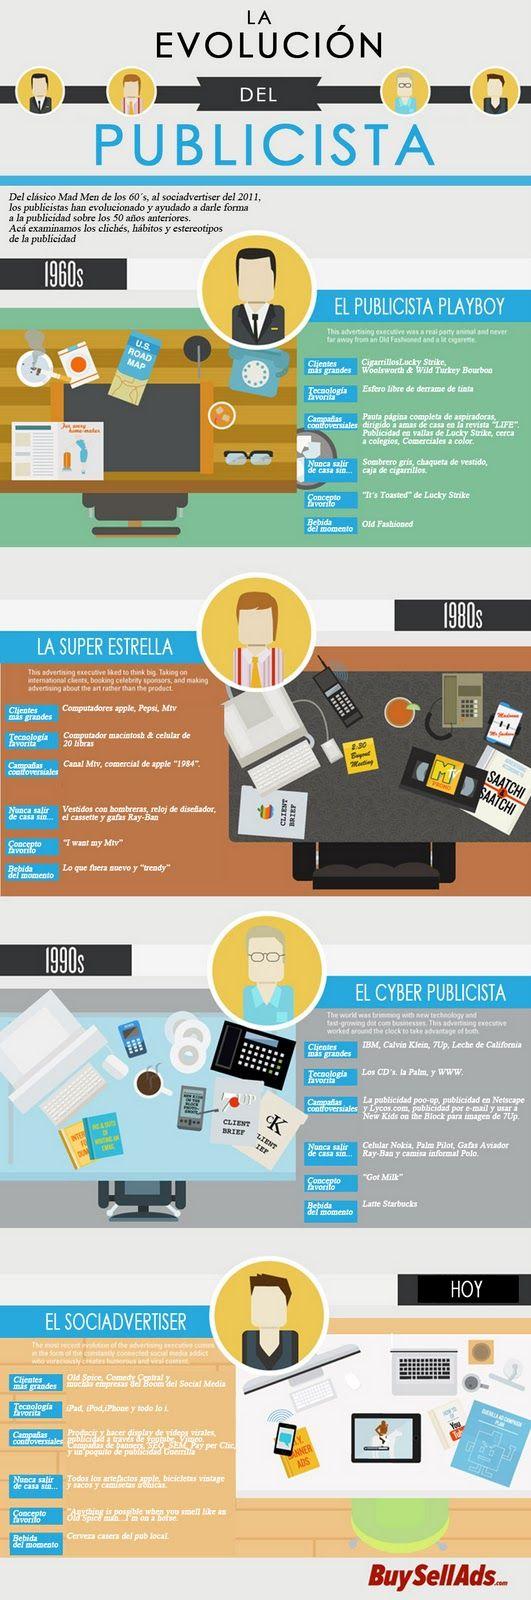 Infografía: La evolución del publicista, feliz día del publicista.